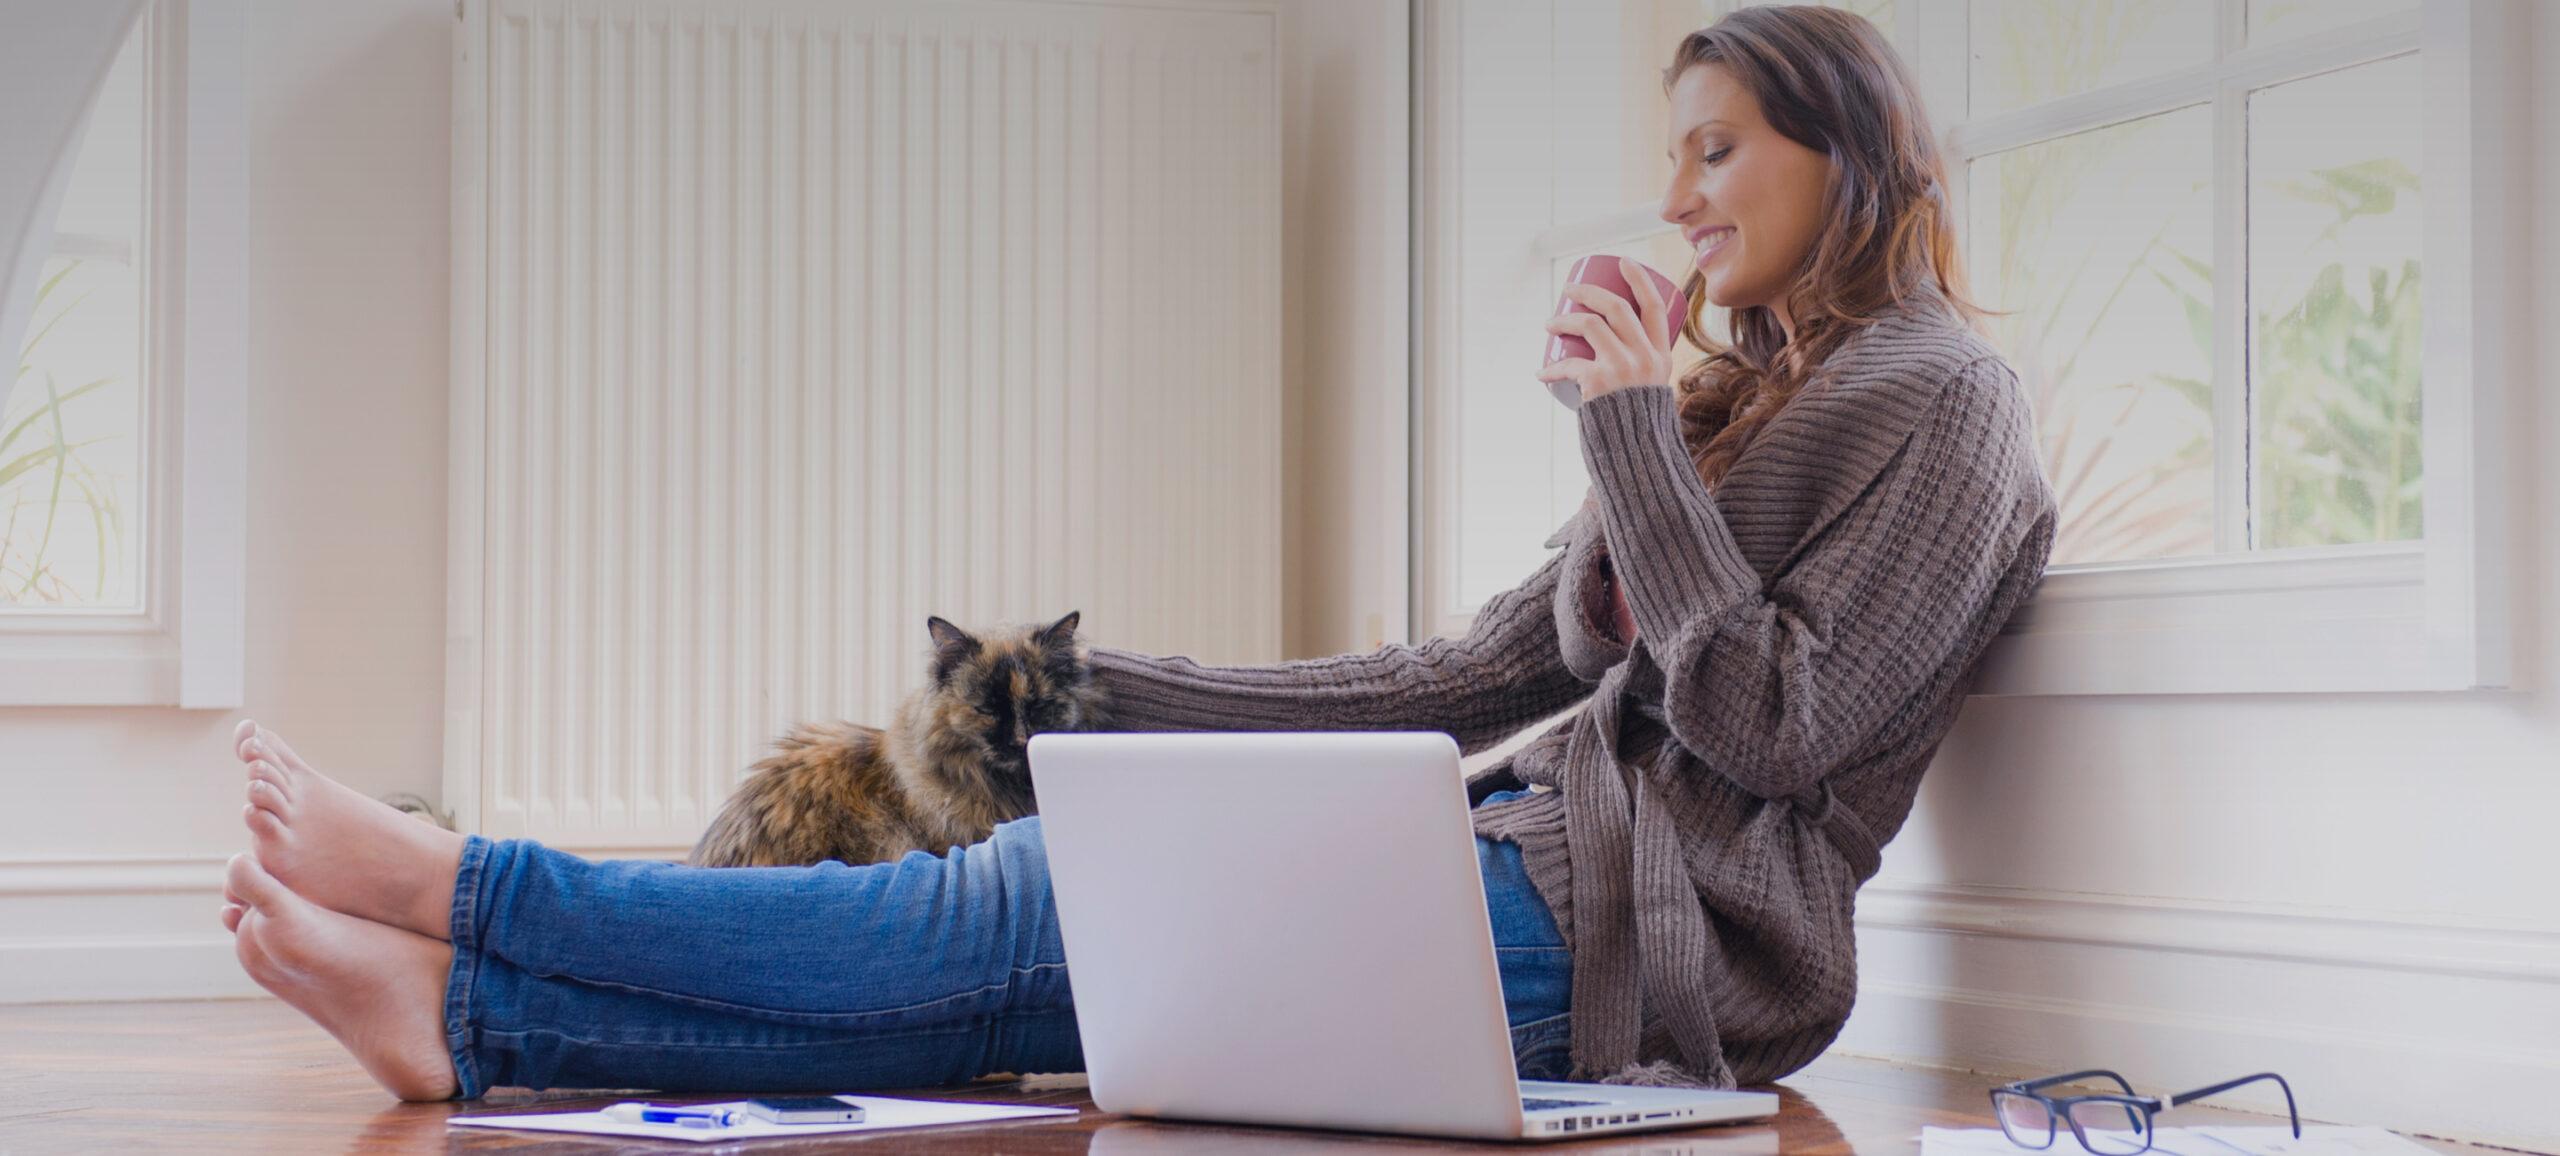 Frau sitz vor dem Laptop auf dem Boden und krault eine Katze